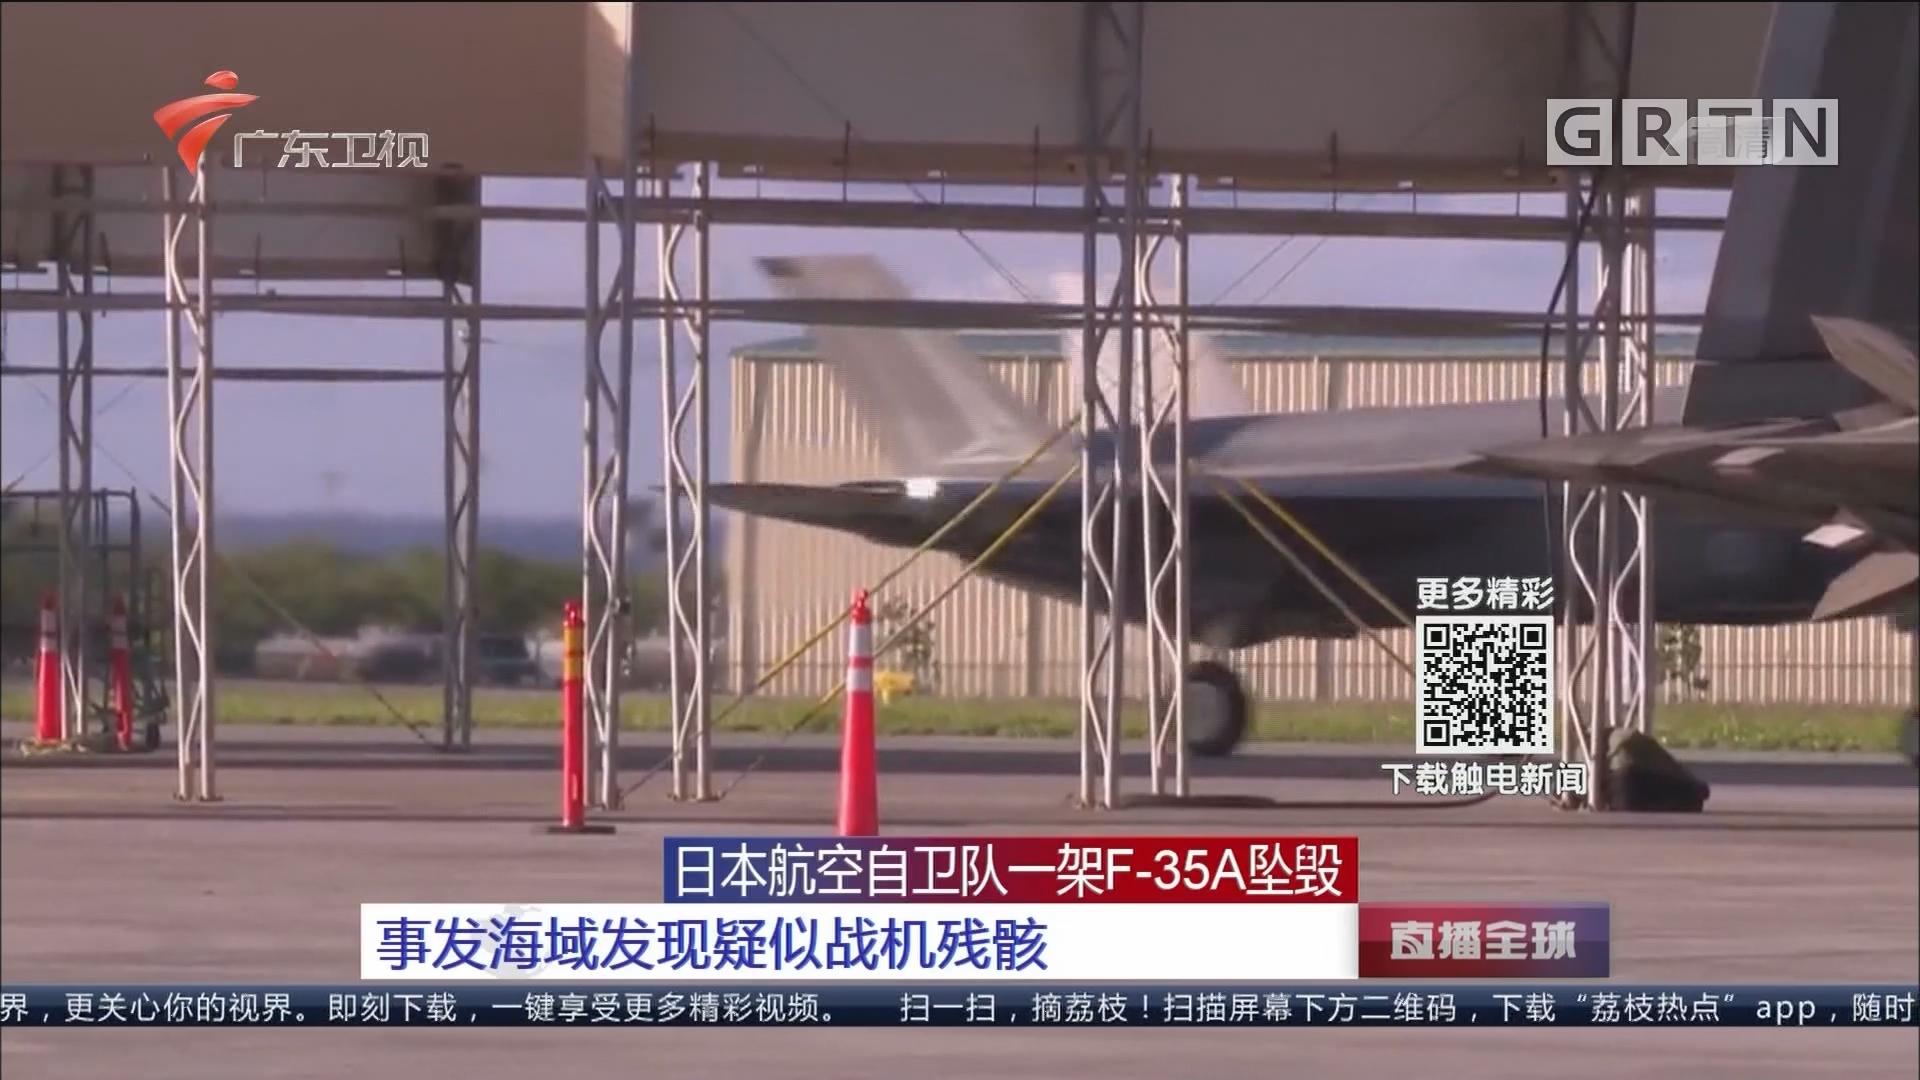 日本航空自卫队一架F-35A坠毁:事发海域发现疑似战机残骸